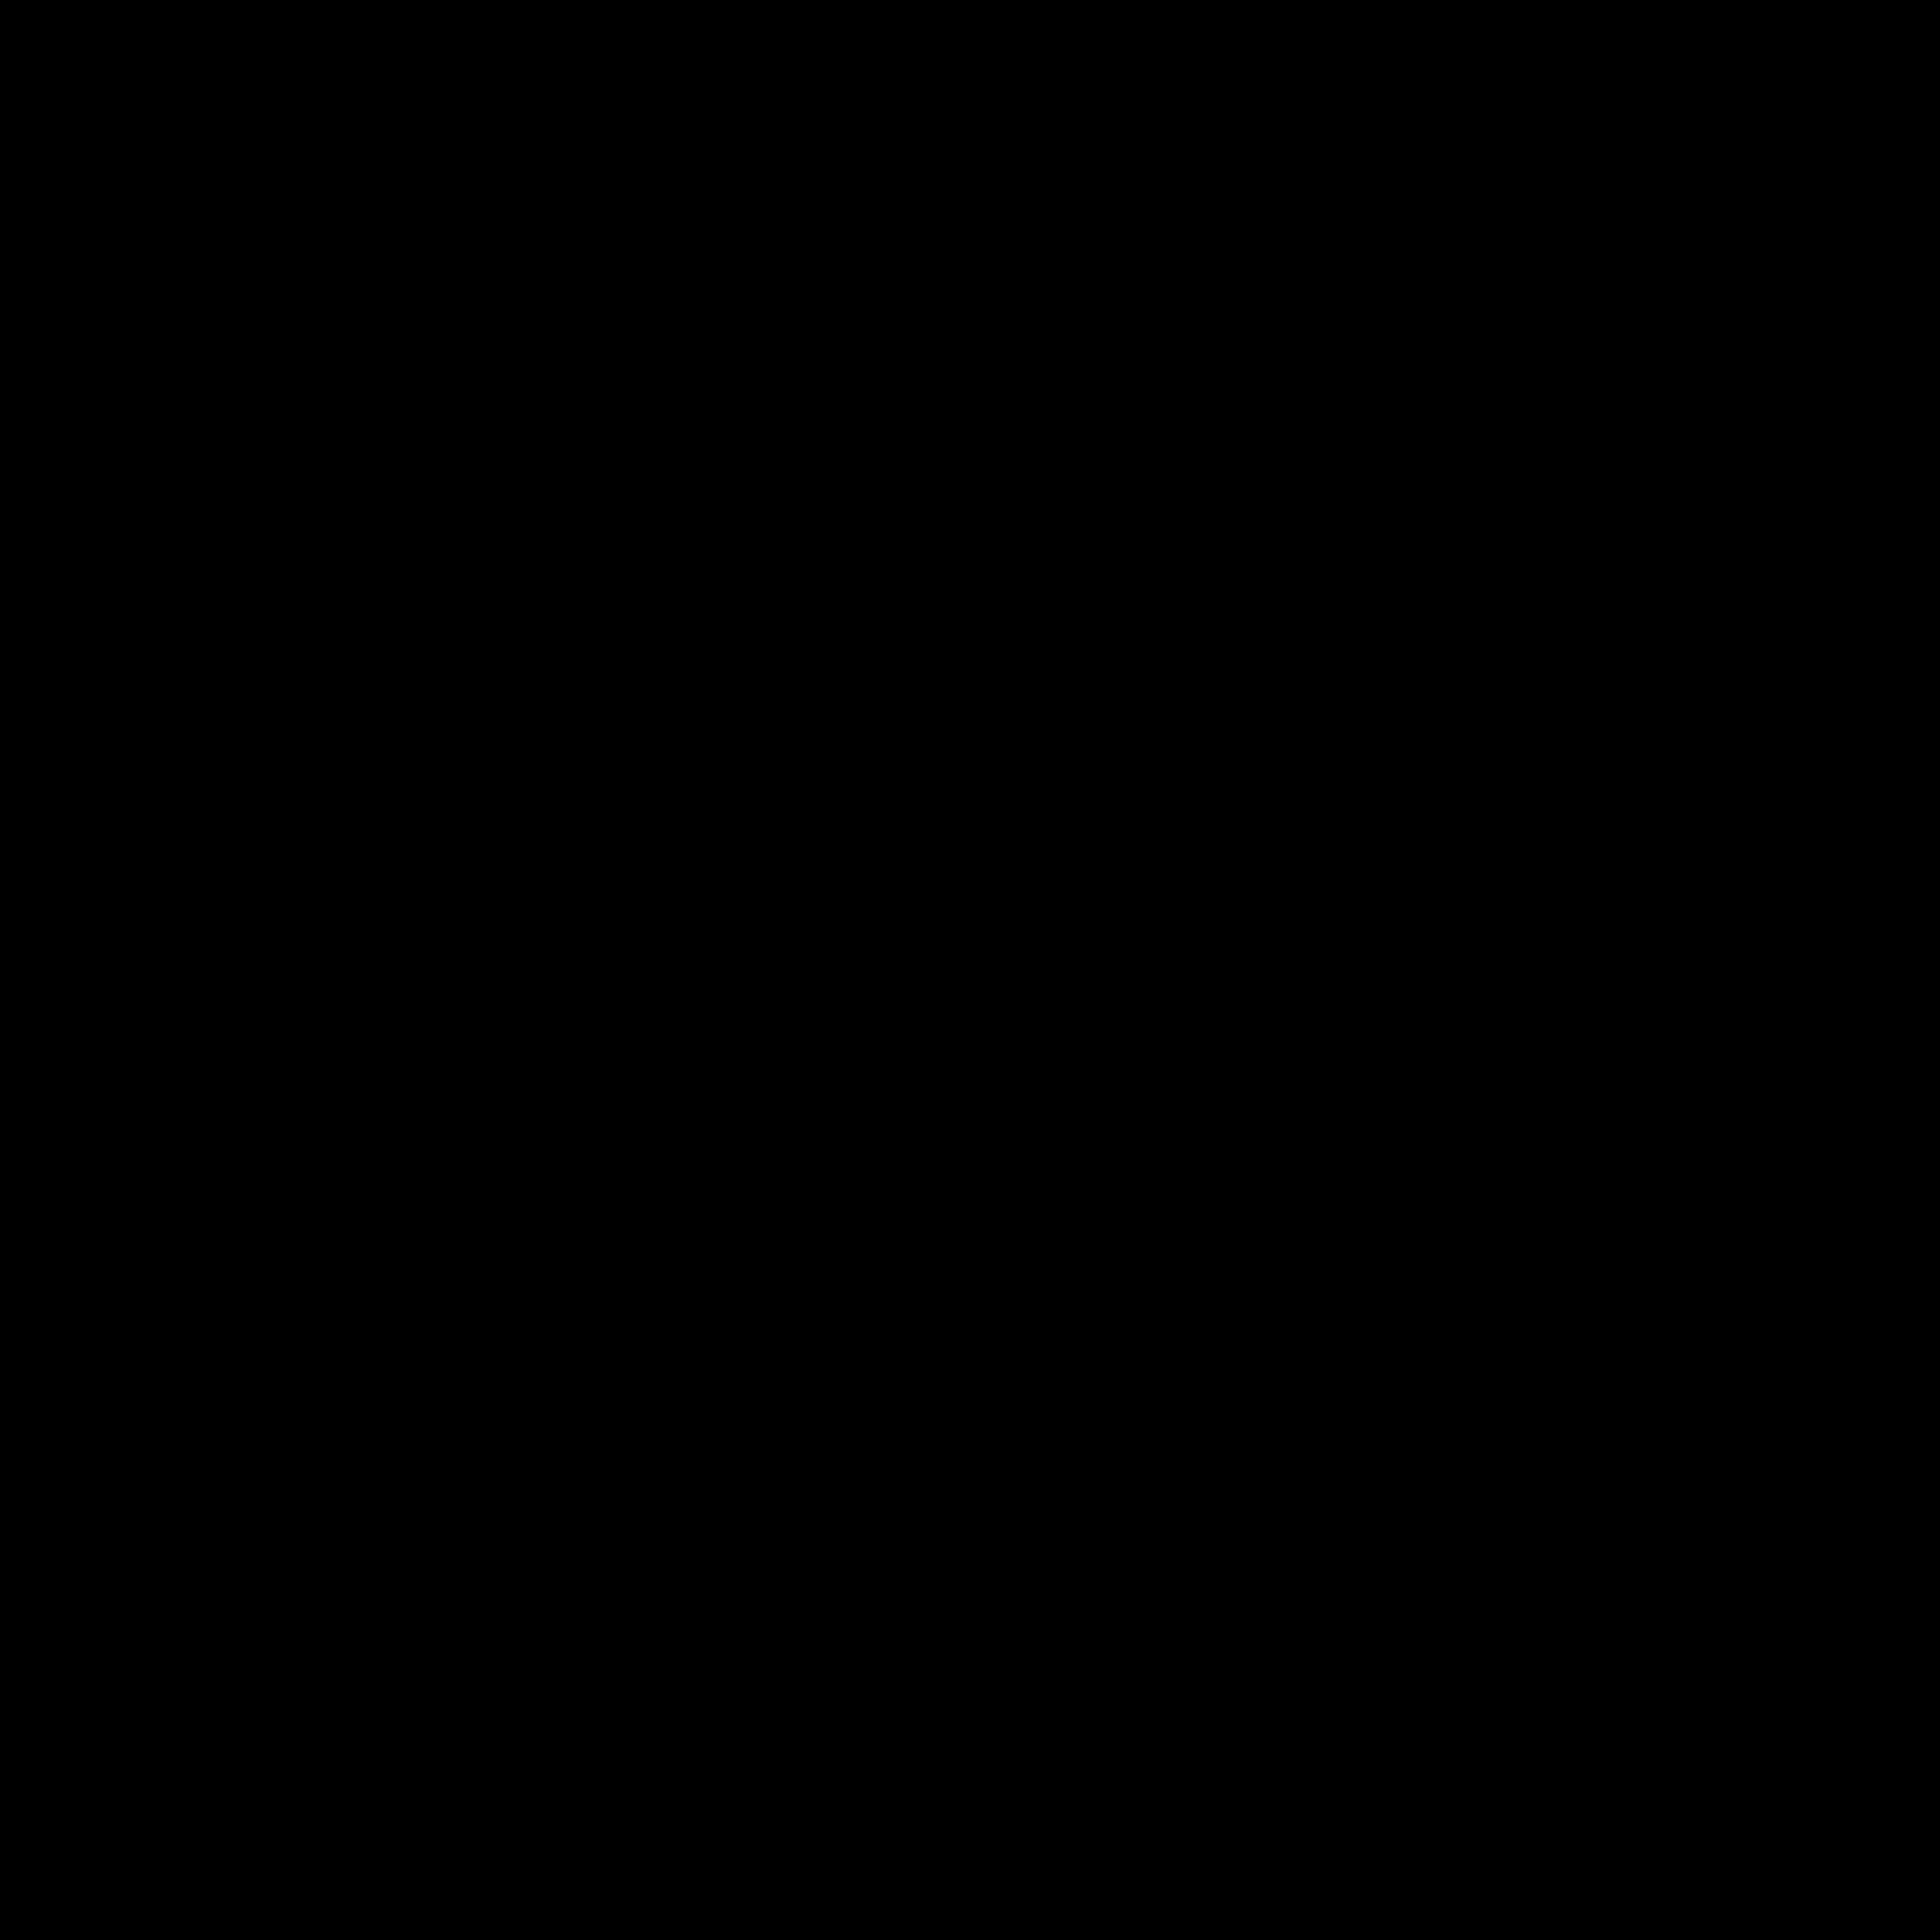 cooler master logo 0 - Cooler Master Logo